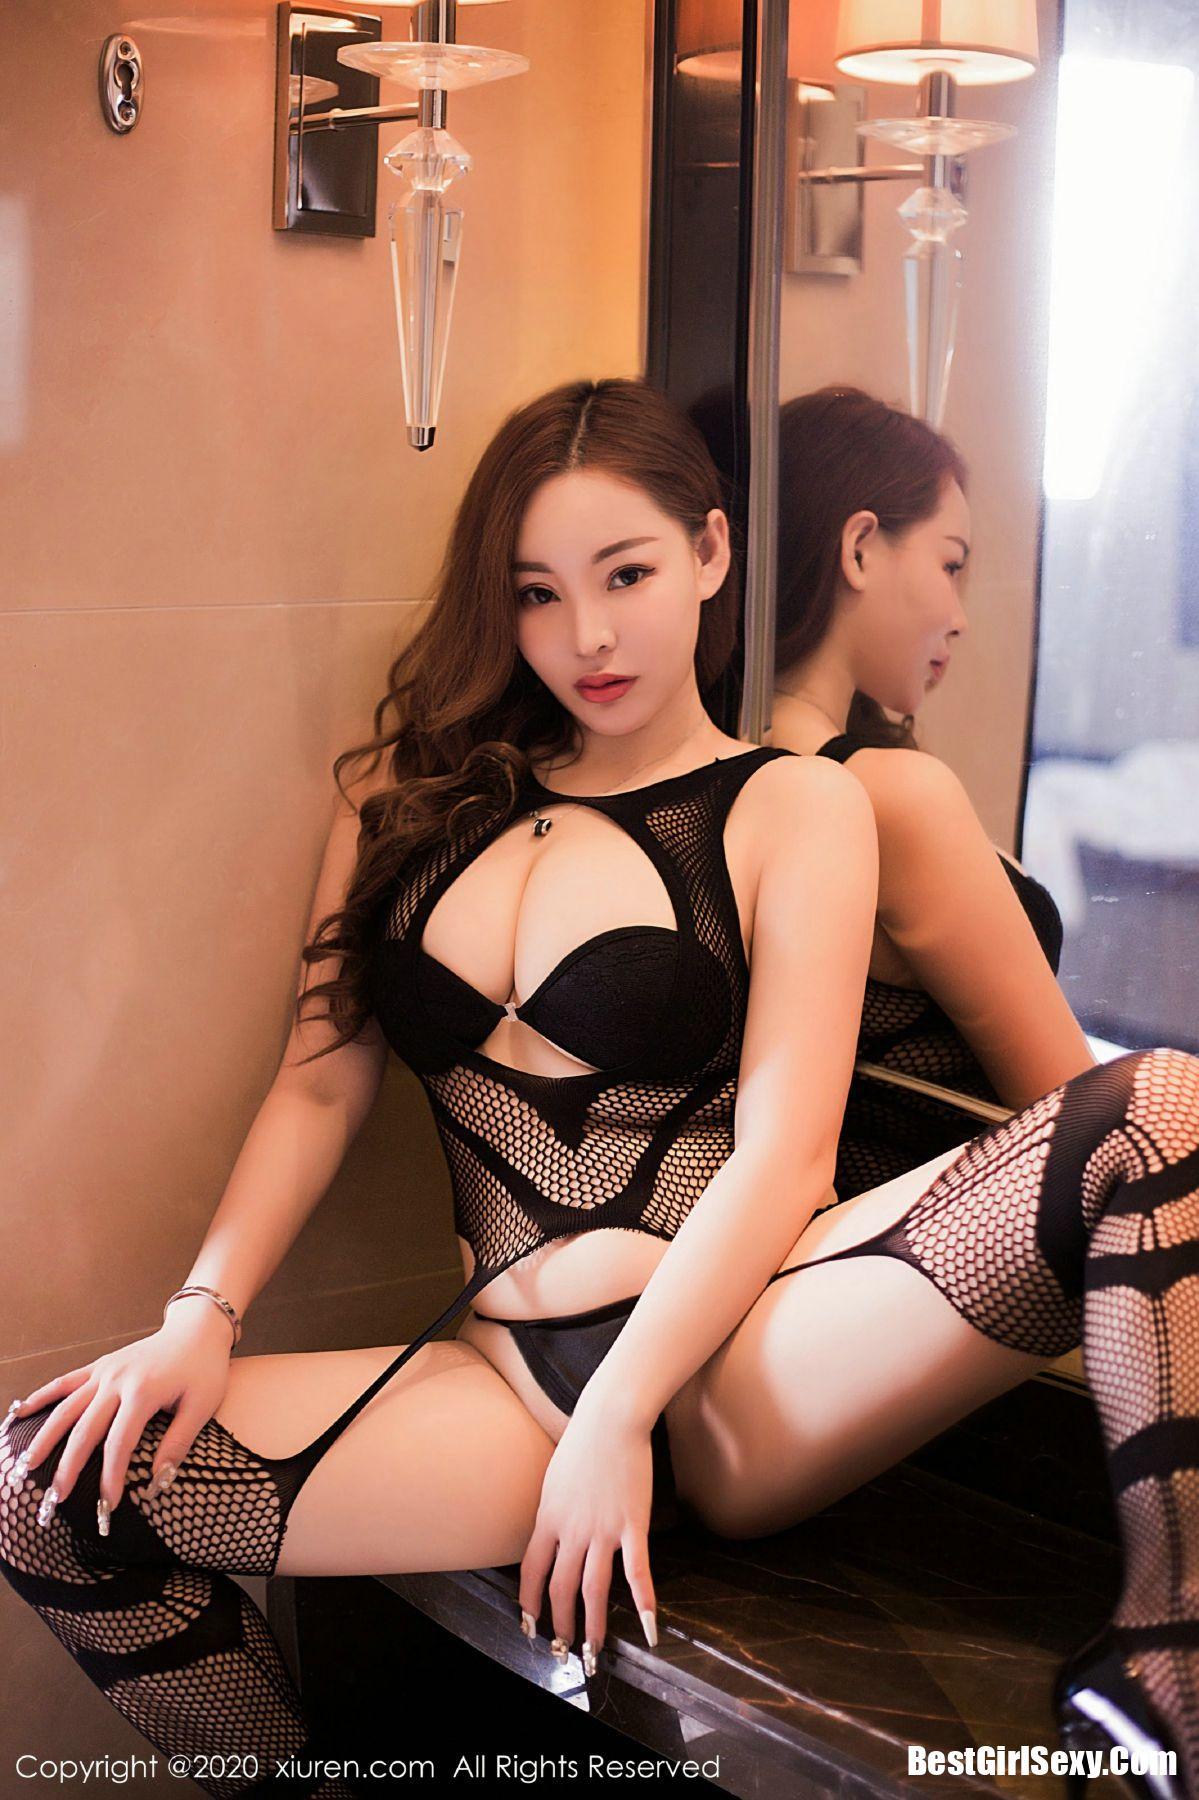 XiuRen秀人网 Vol.2486 Fu Yi Xuan - Best Girl Sexy